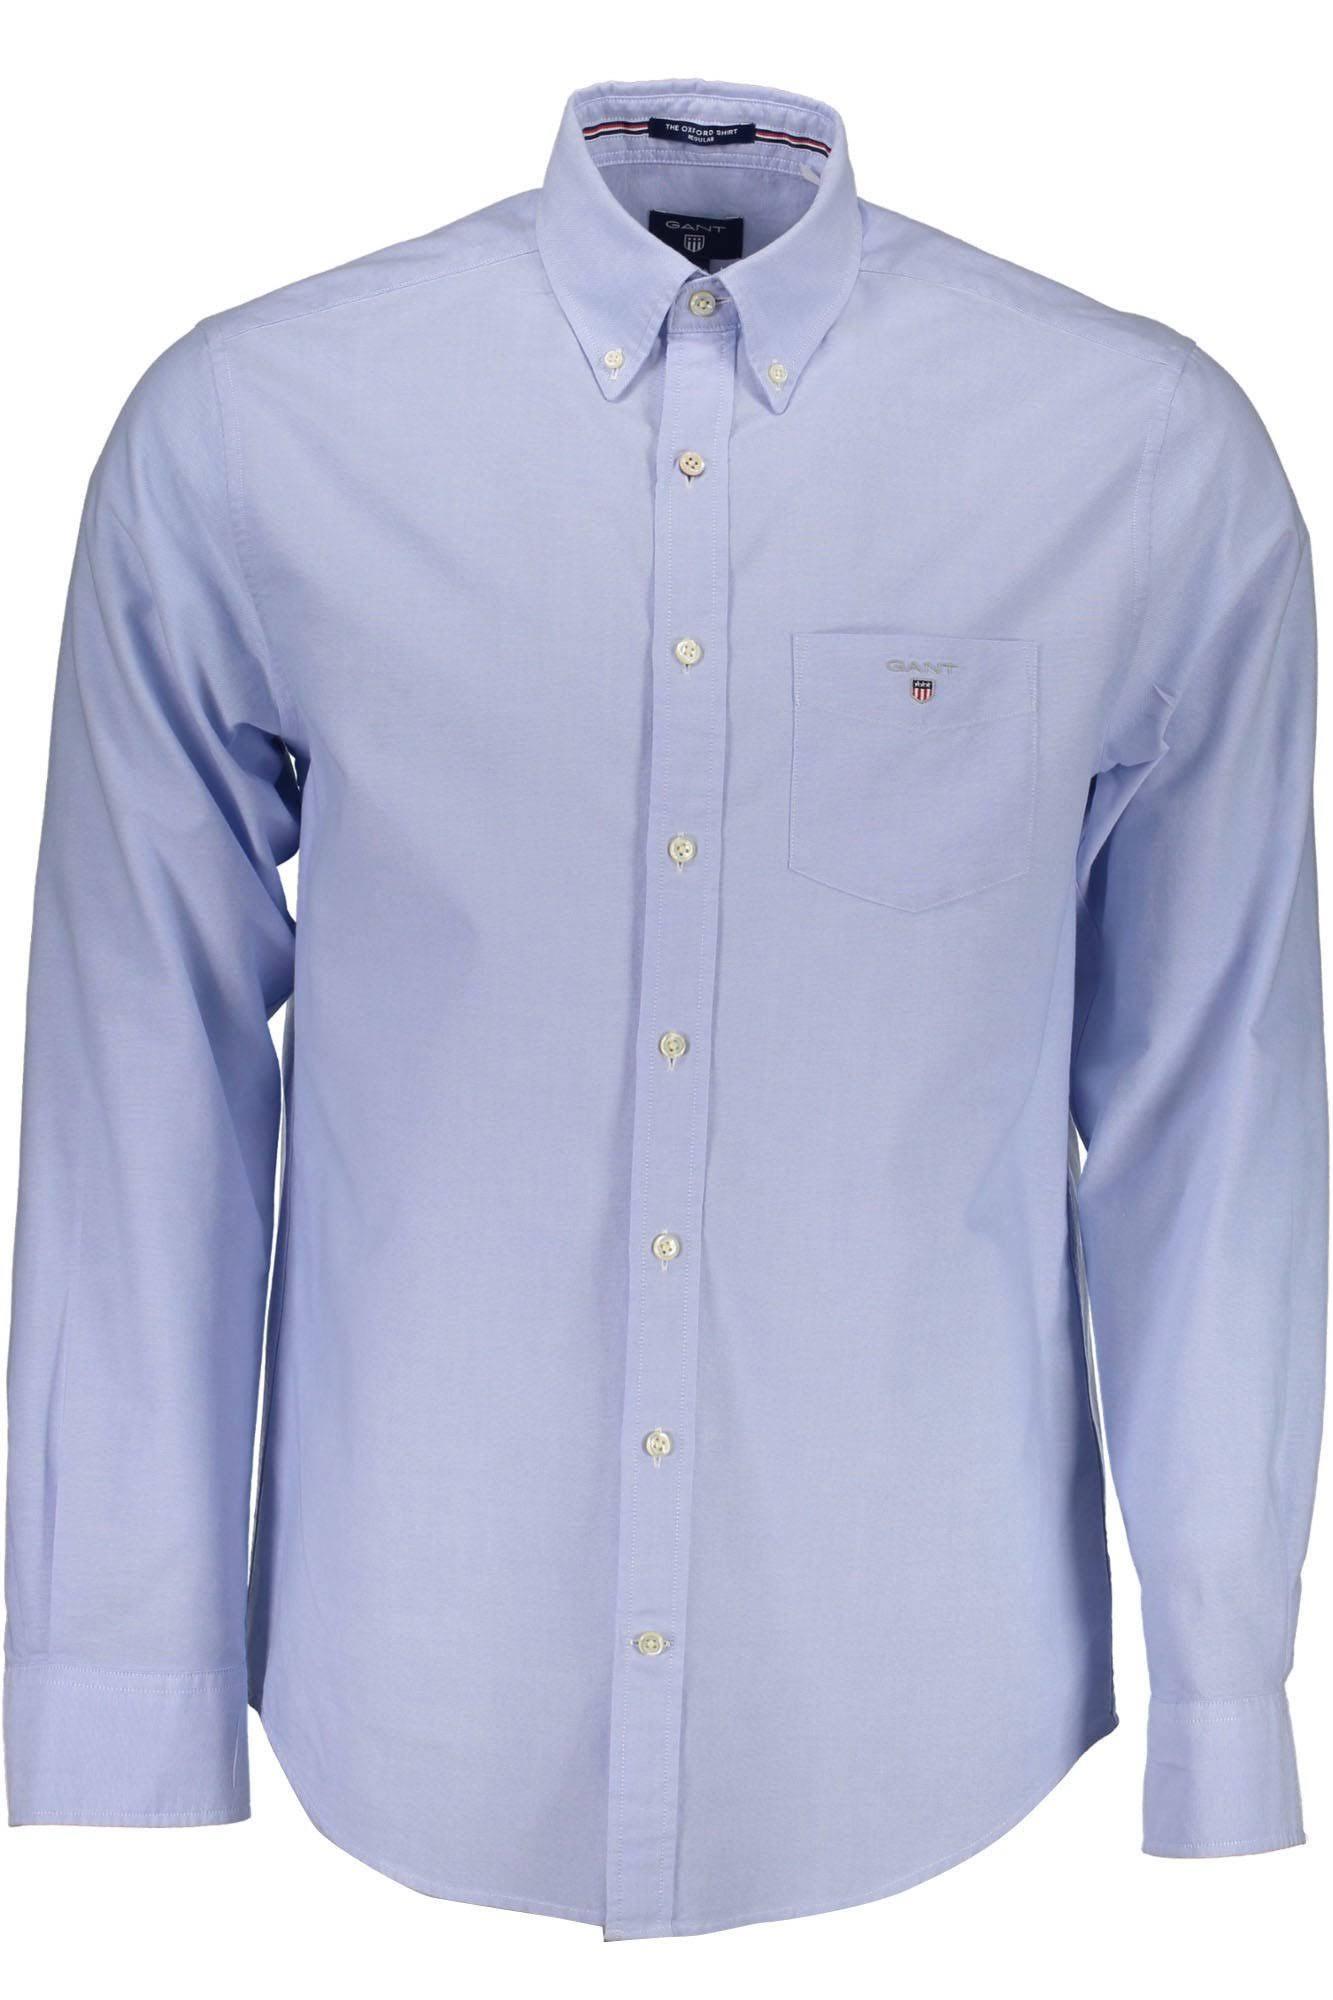 Shirt Blue Accessoires gt;kleidung Size Gant Kleidung amp; Capri S Oxford Hemden Tops Men's t6w1x